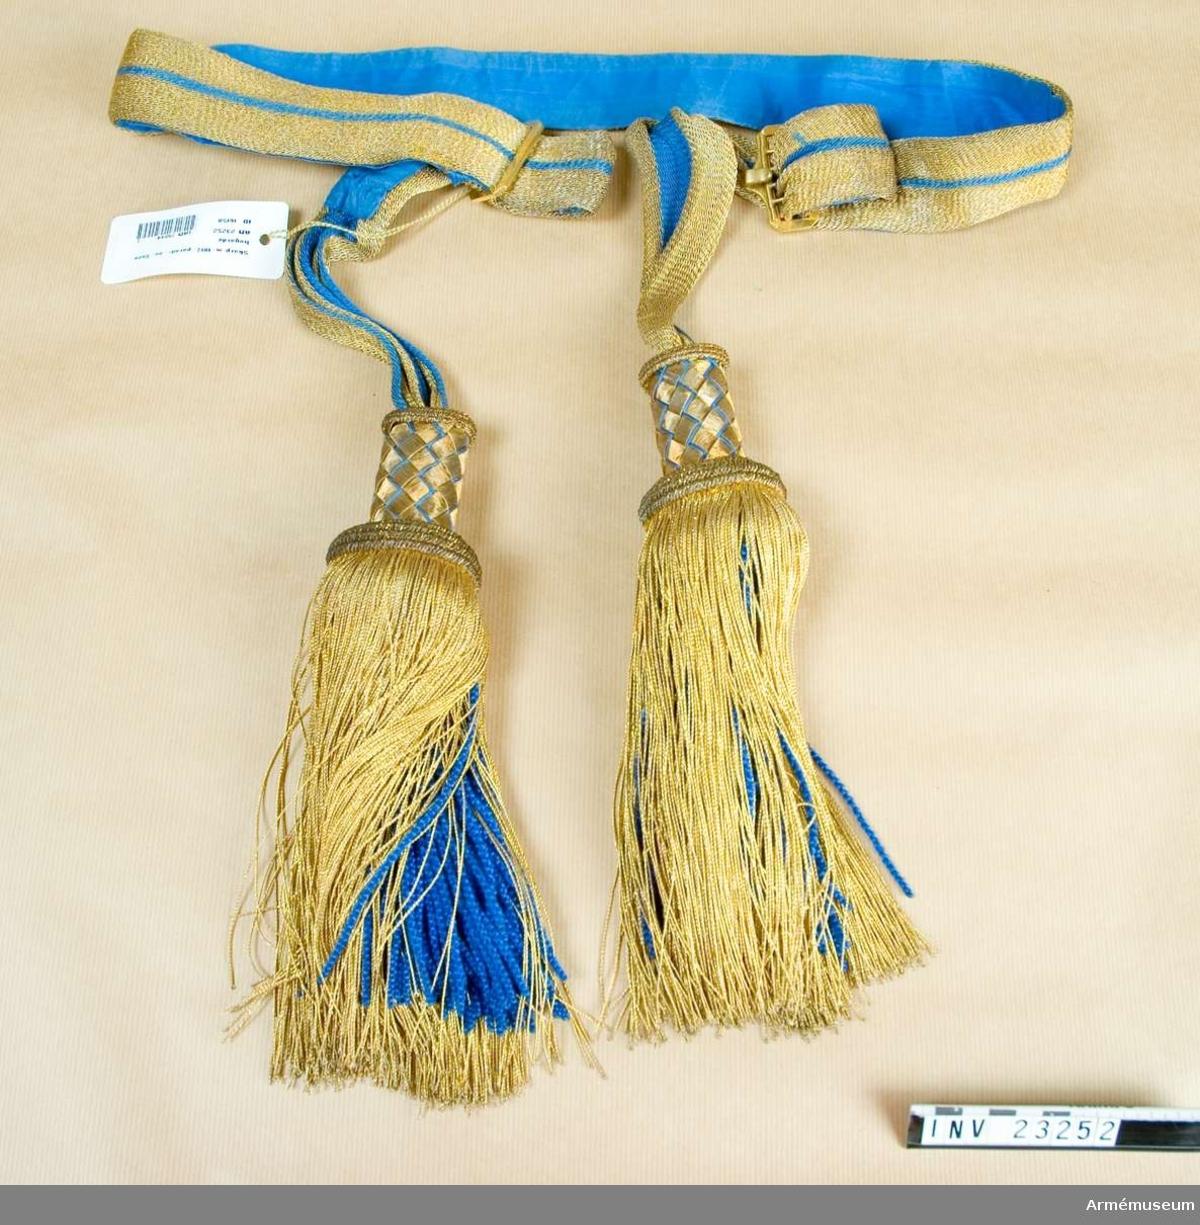 Grupp C:I. Skärp m/1817 (g.o.30/5 1817 ).Ur stor högtidsdräkt för överste vid Svea livgarde och består av rock, epåletter, kask, plym, mössa, byxa, skärp, koppel, kängor,  sporrar och handskar.